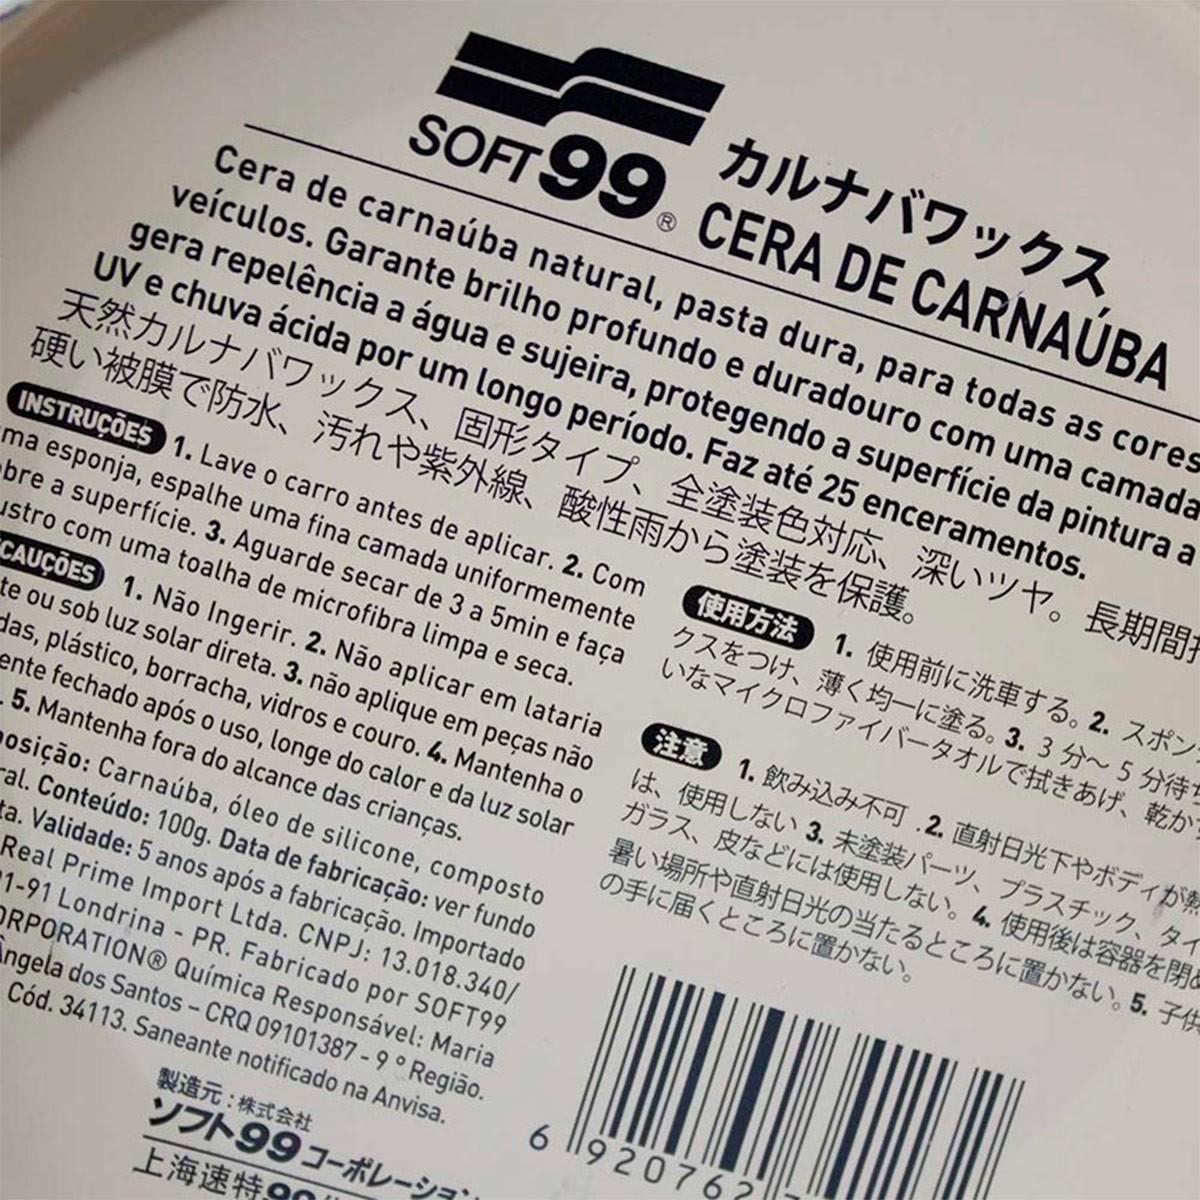 Cera Carnauba All Colors 100g - Soft99